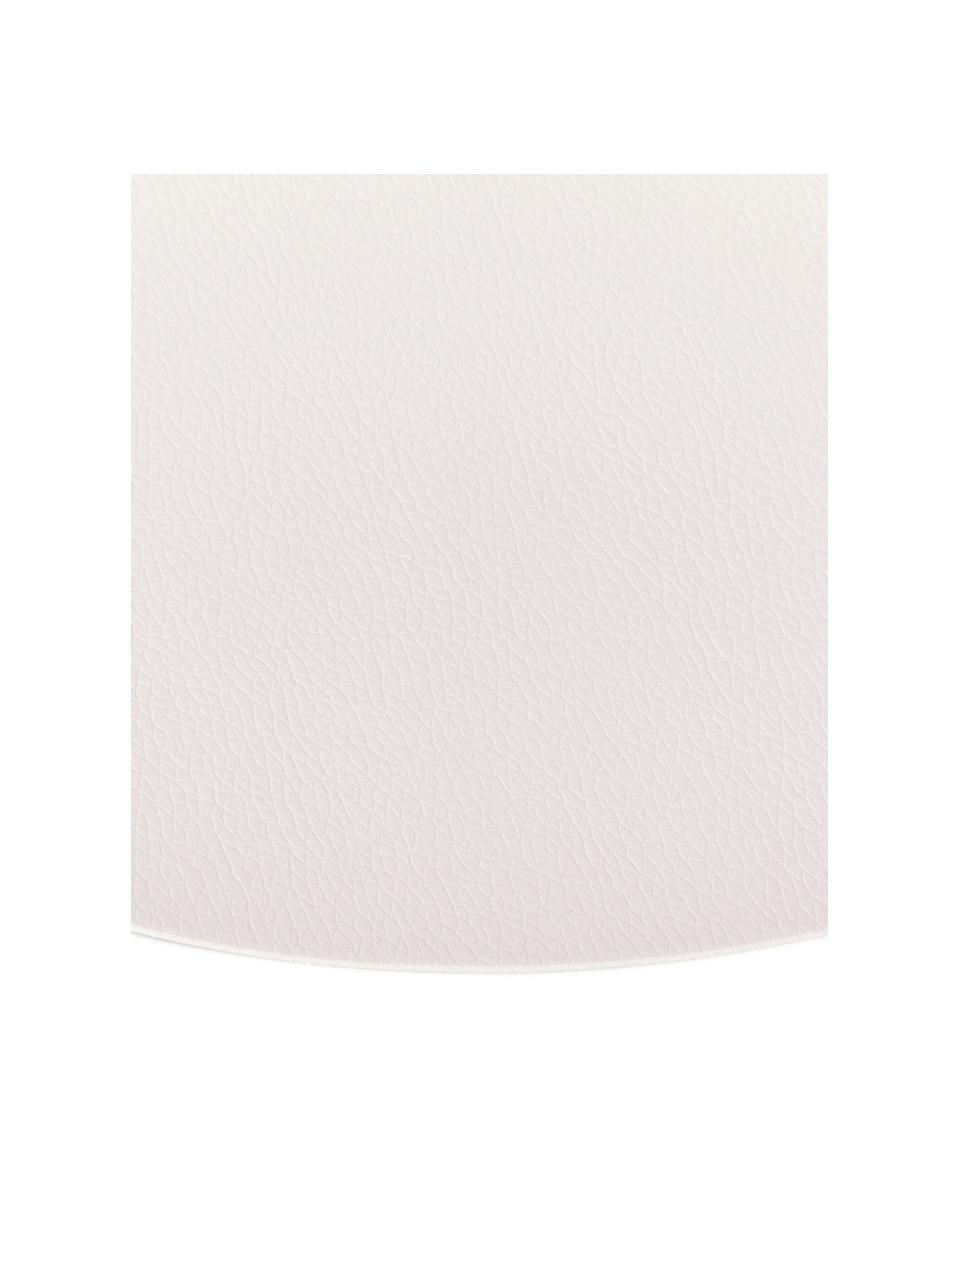 Set de table rond en cuir synthétique Pik, 2pièces, Blanc